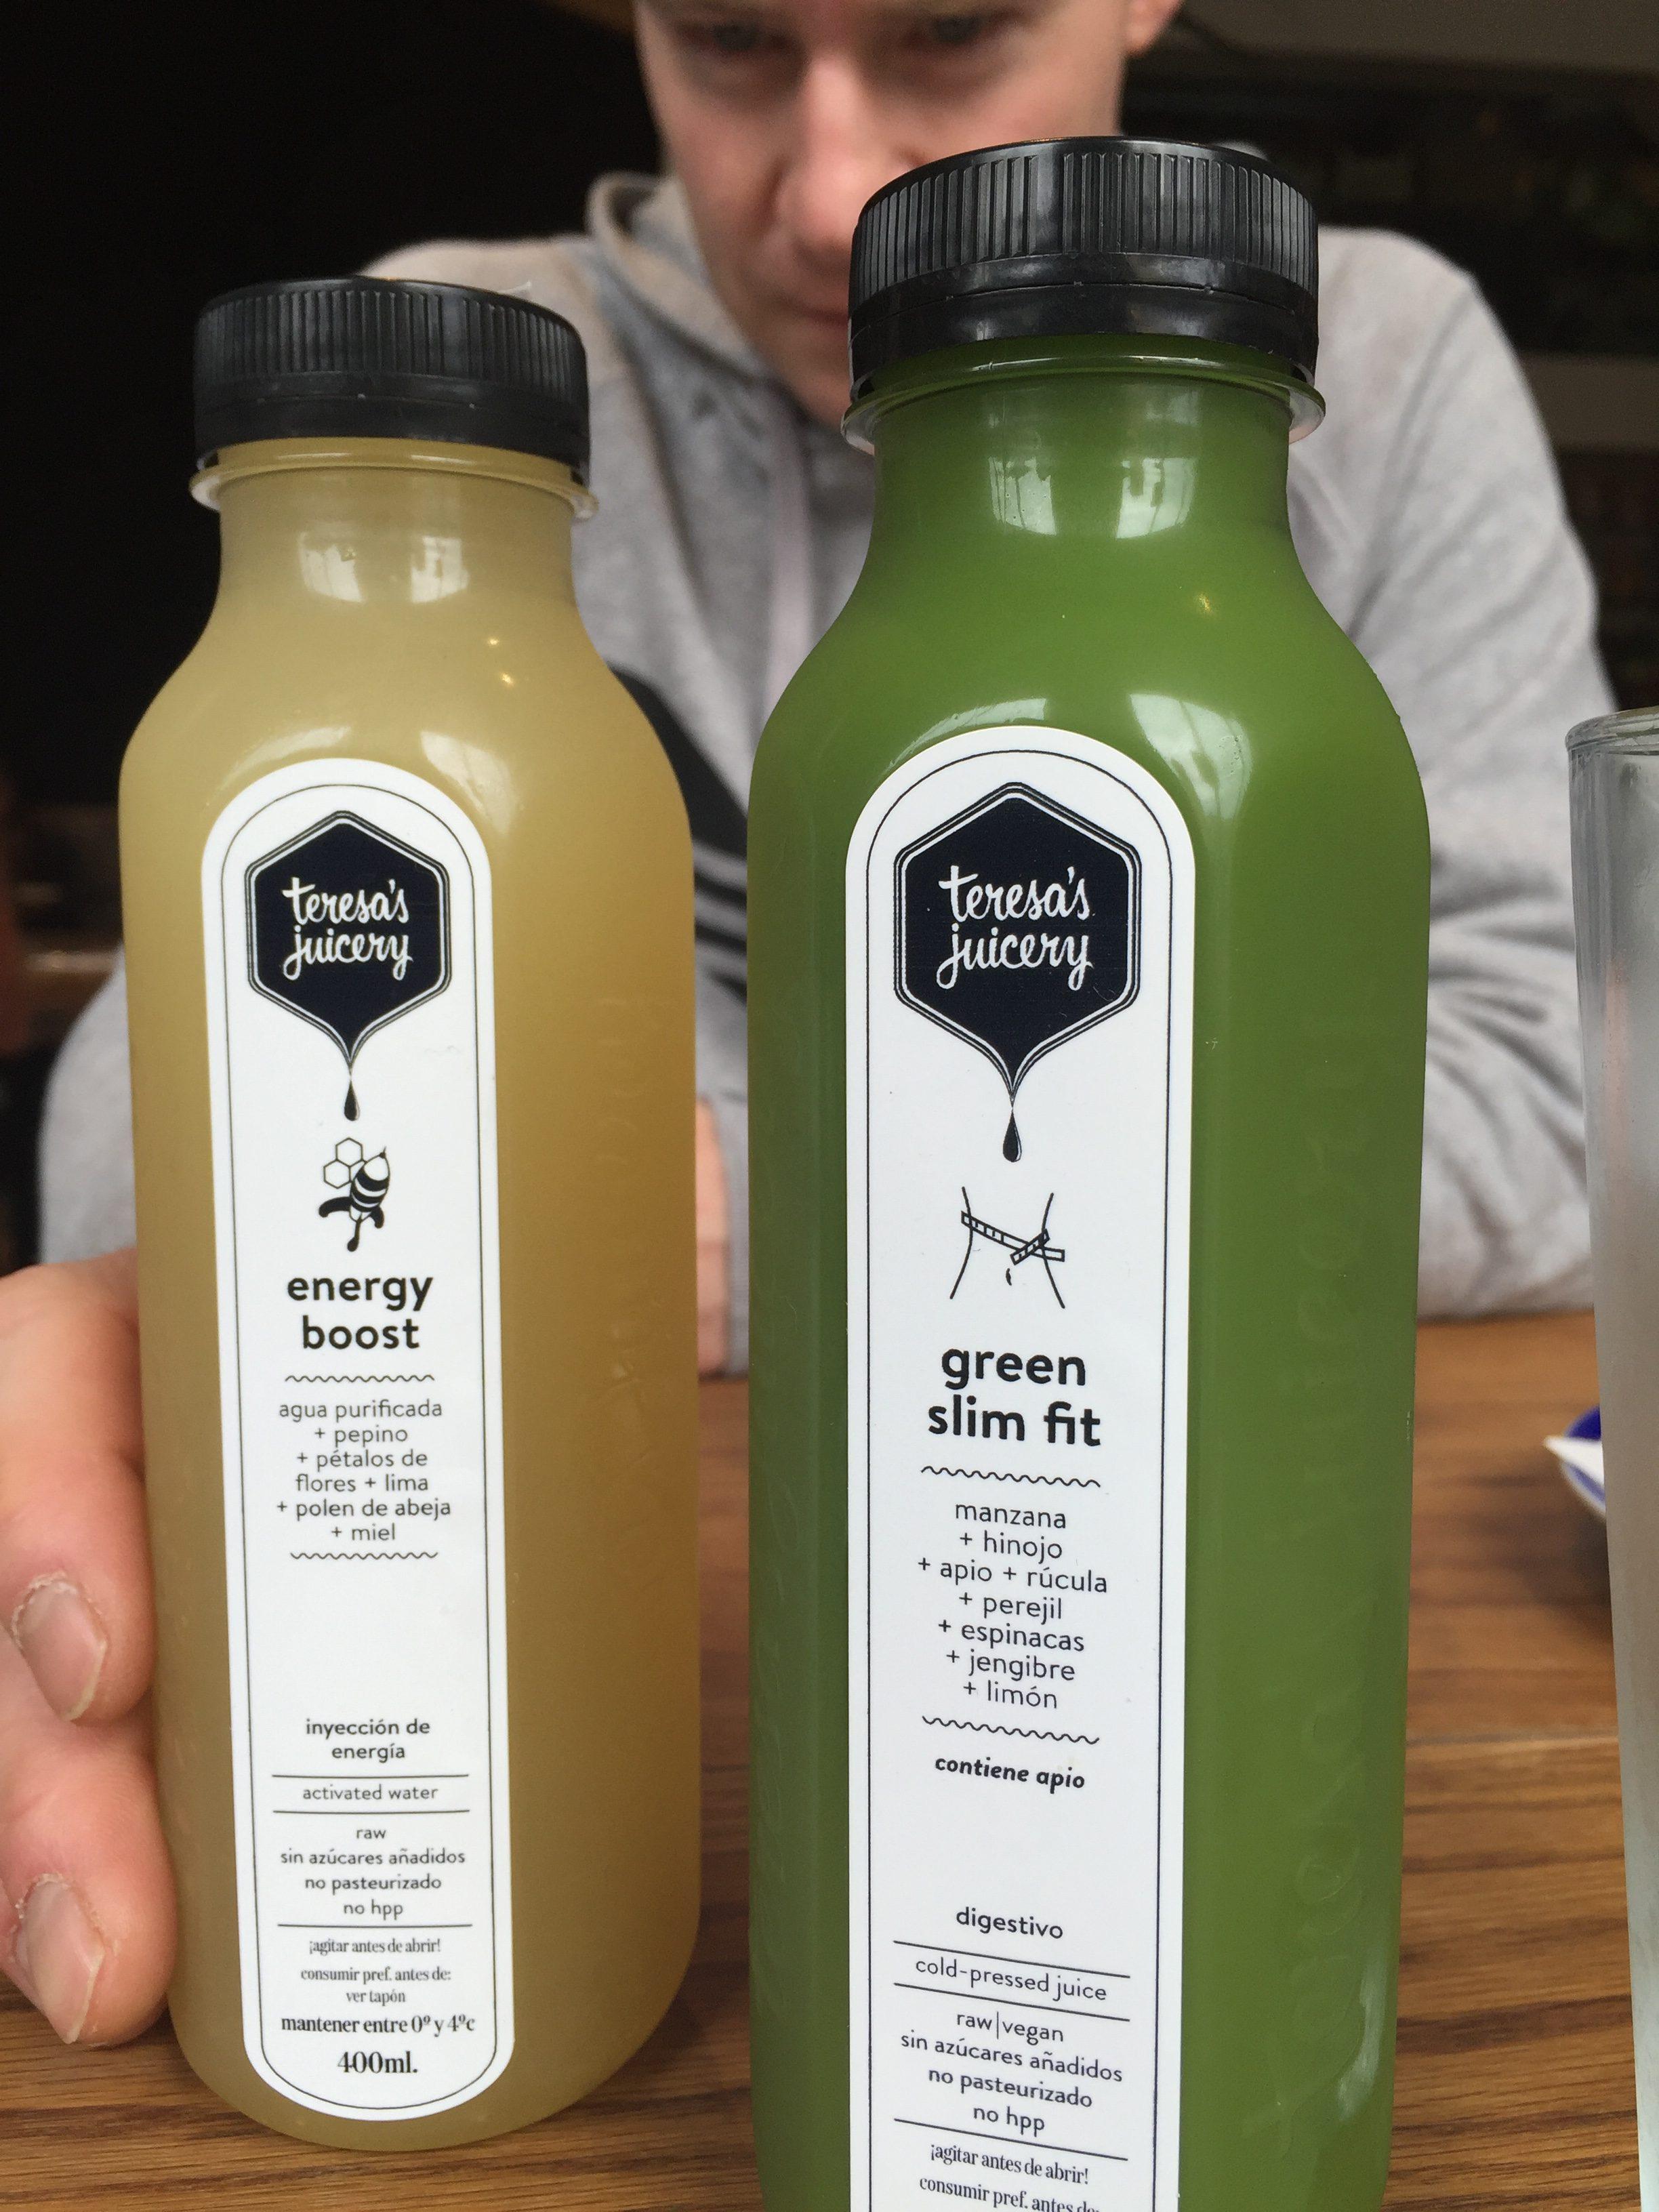 barcelona vegan saft von teresas juicery